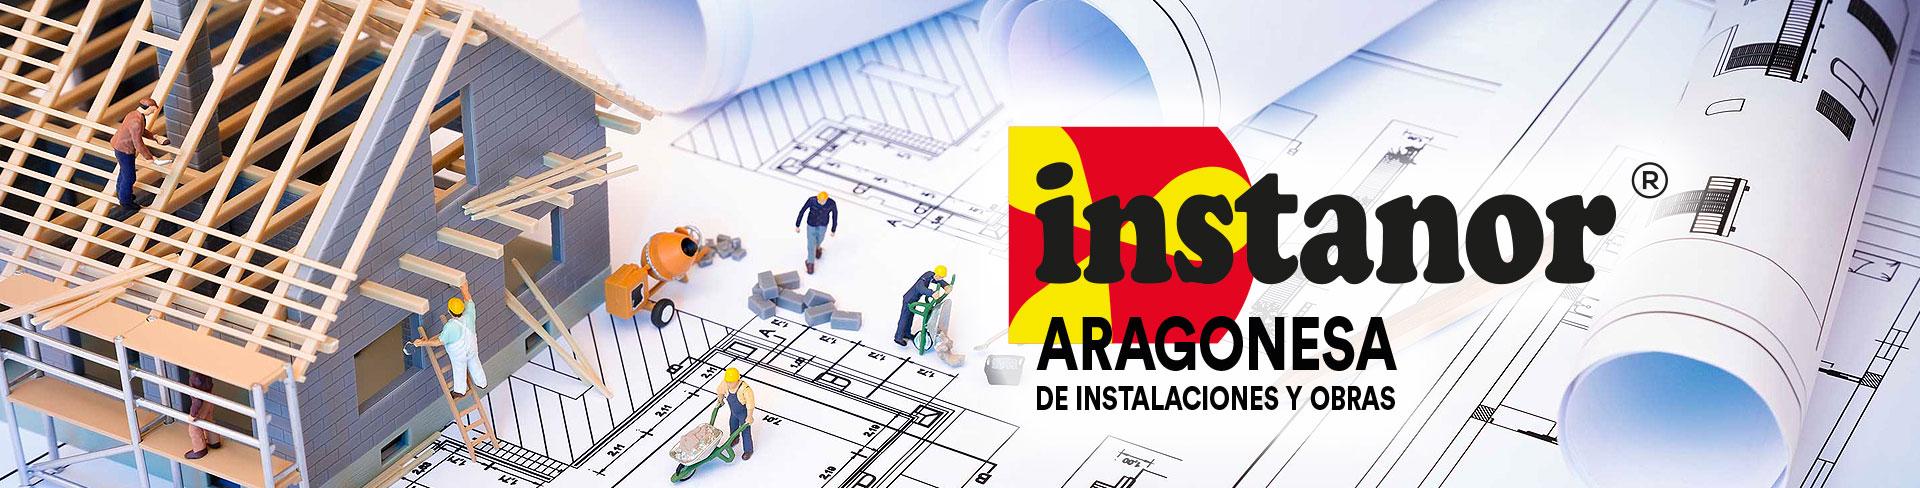 instanor_proyectos